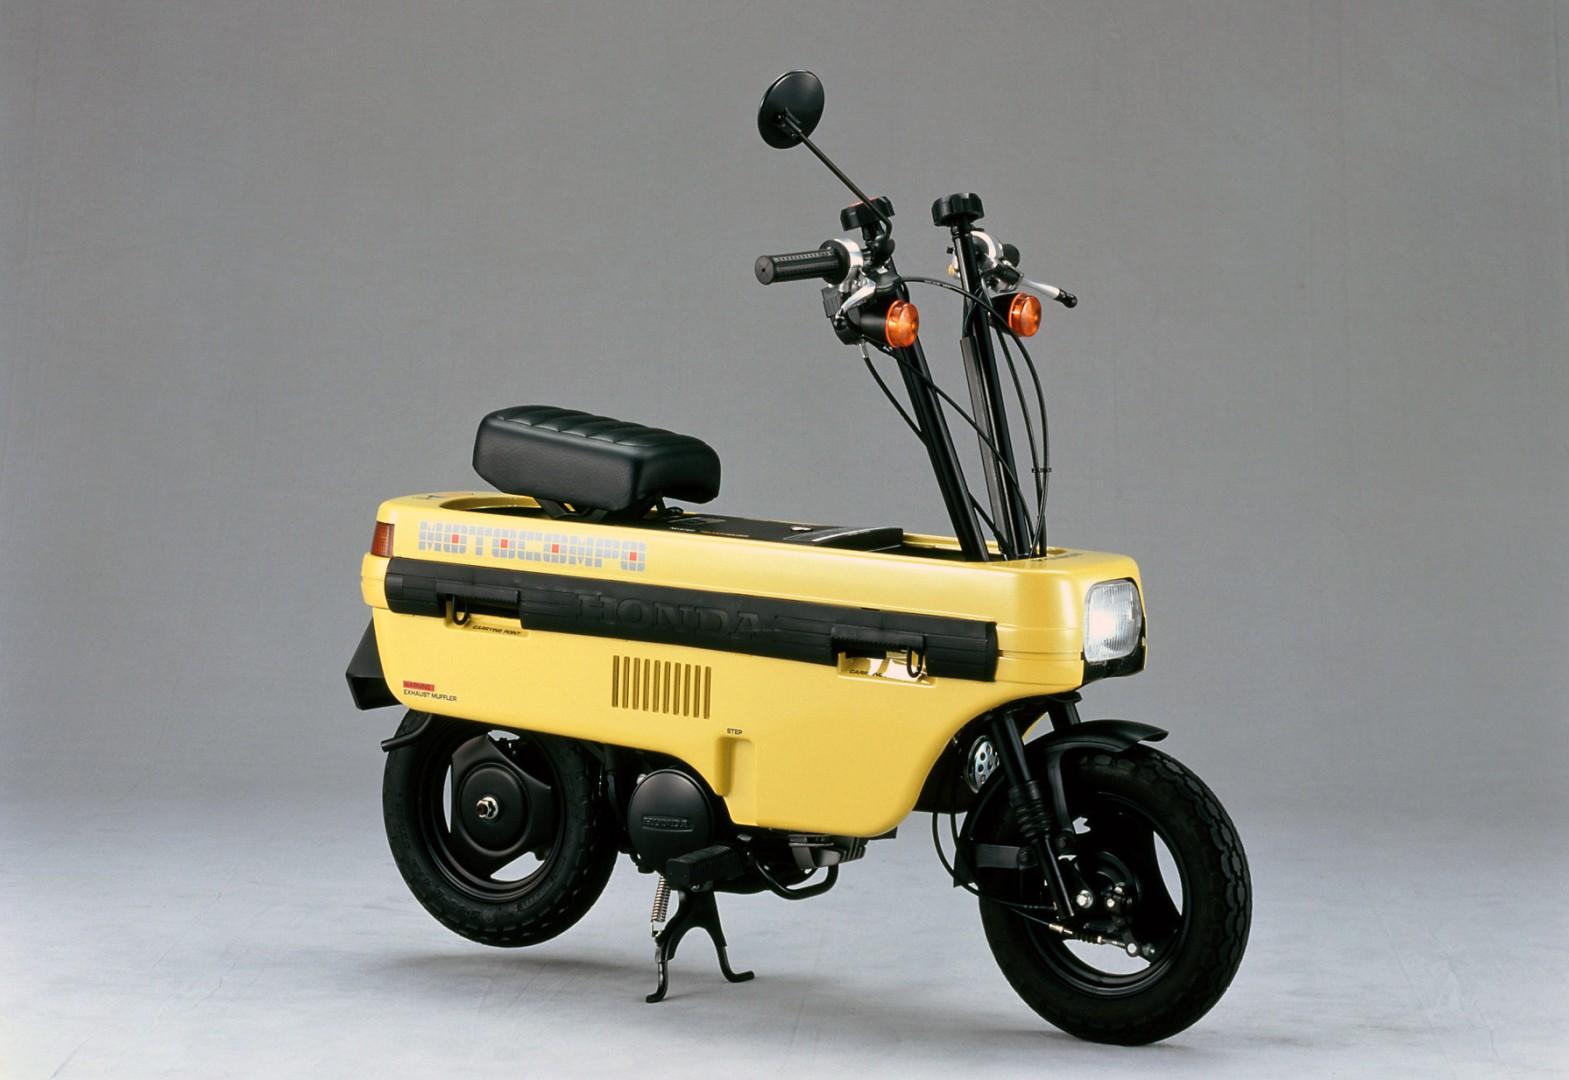 Moto del día: Honda Motocompo